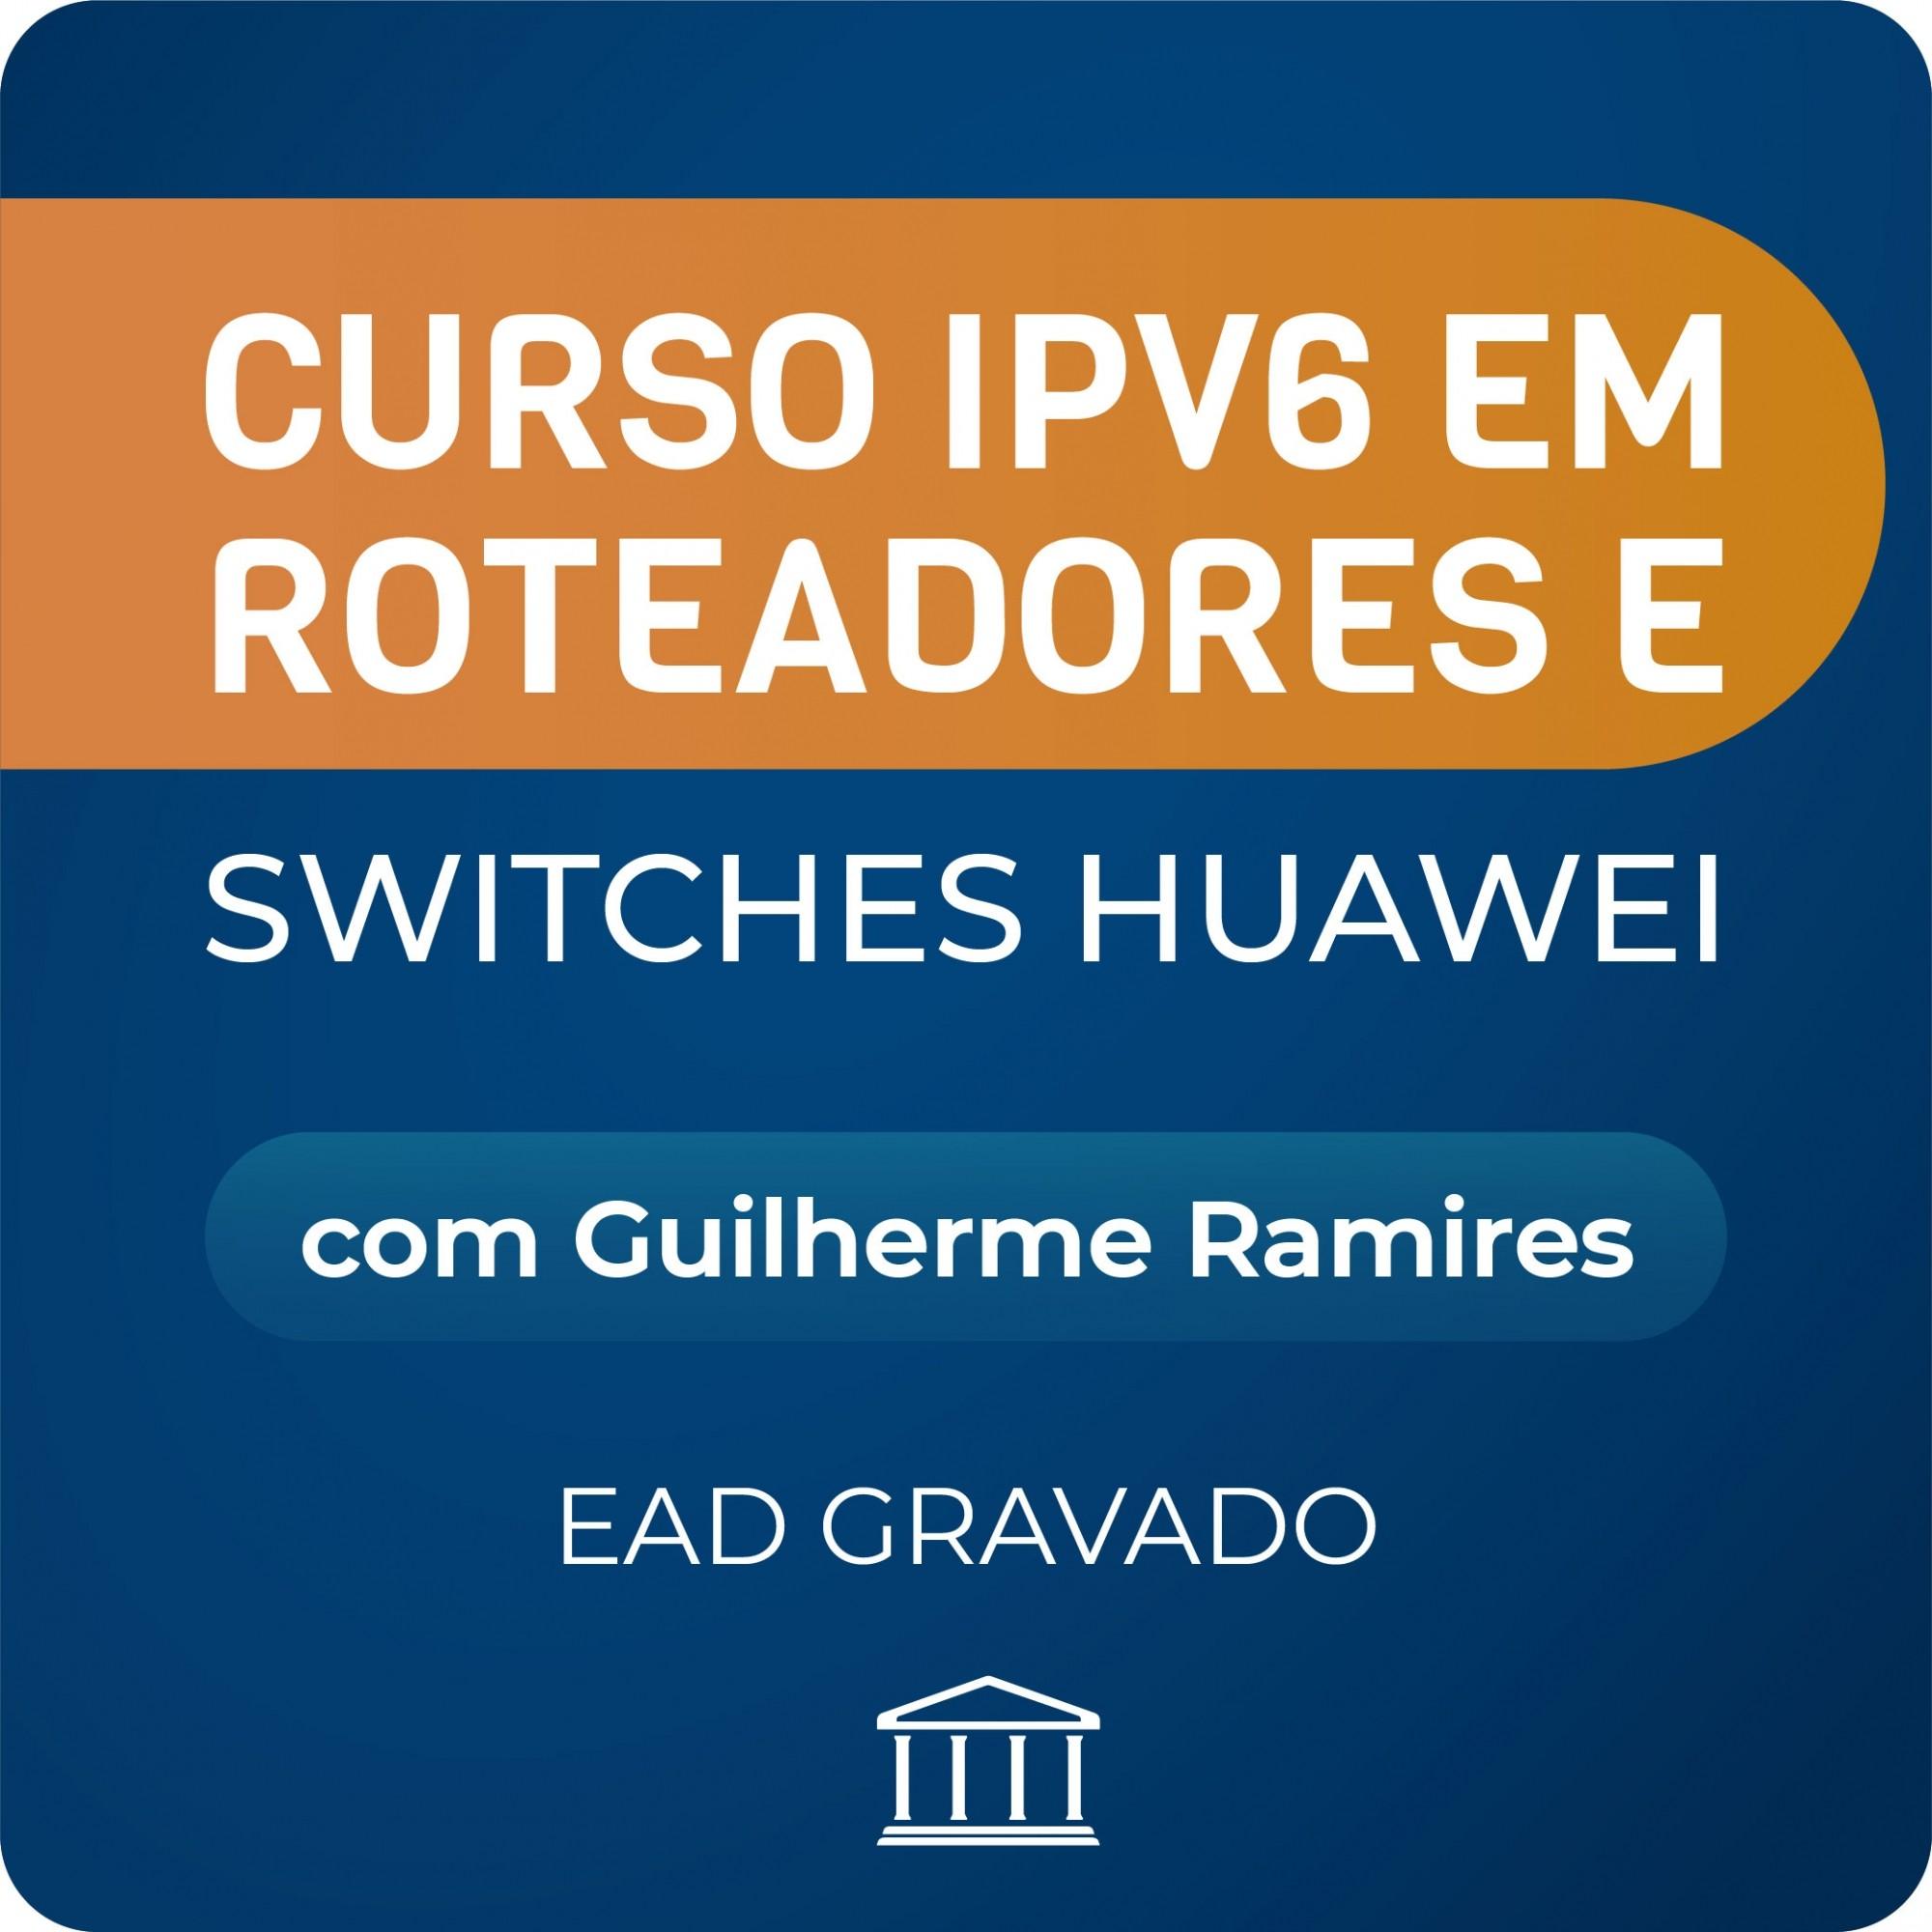 Curso IPV6 em Roteadores e Switches Huawei com Guilherme Ramires - GRAVADO  - Voz e Dados Academy